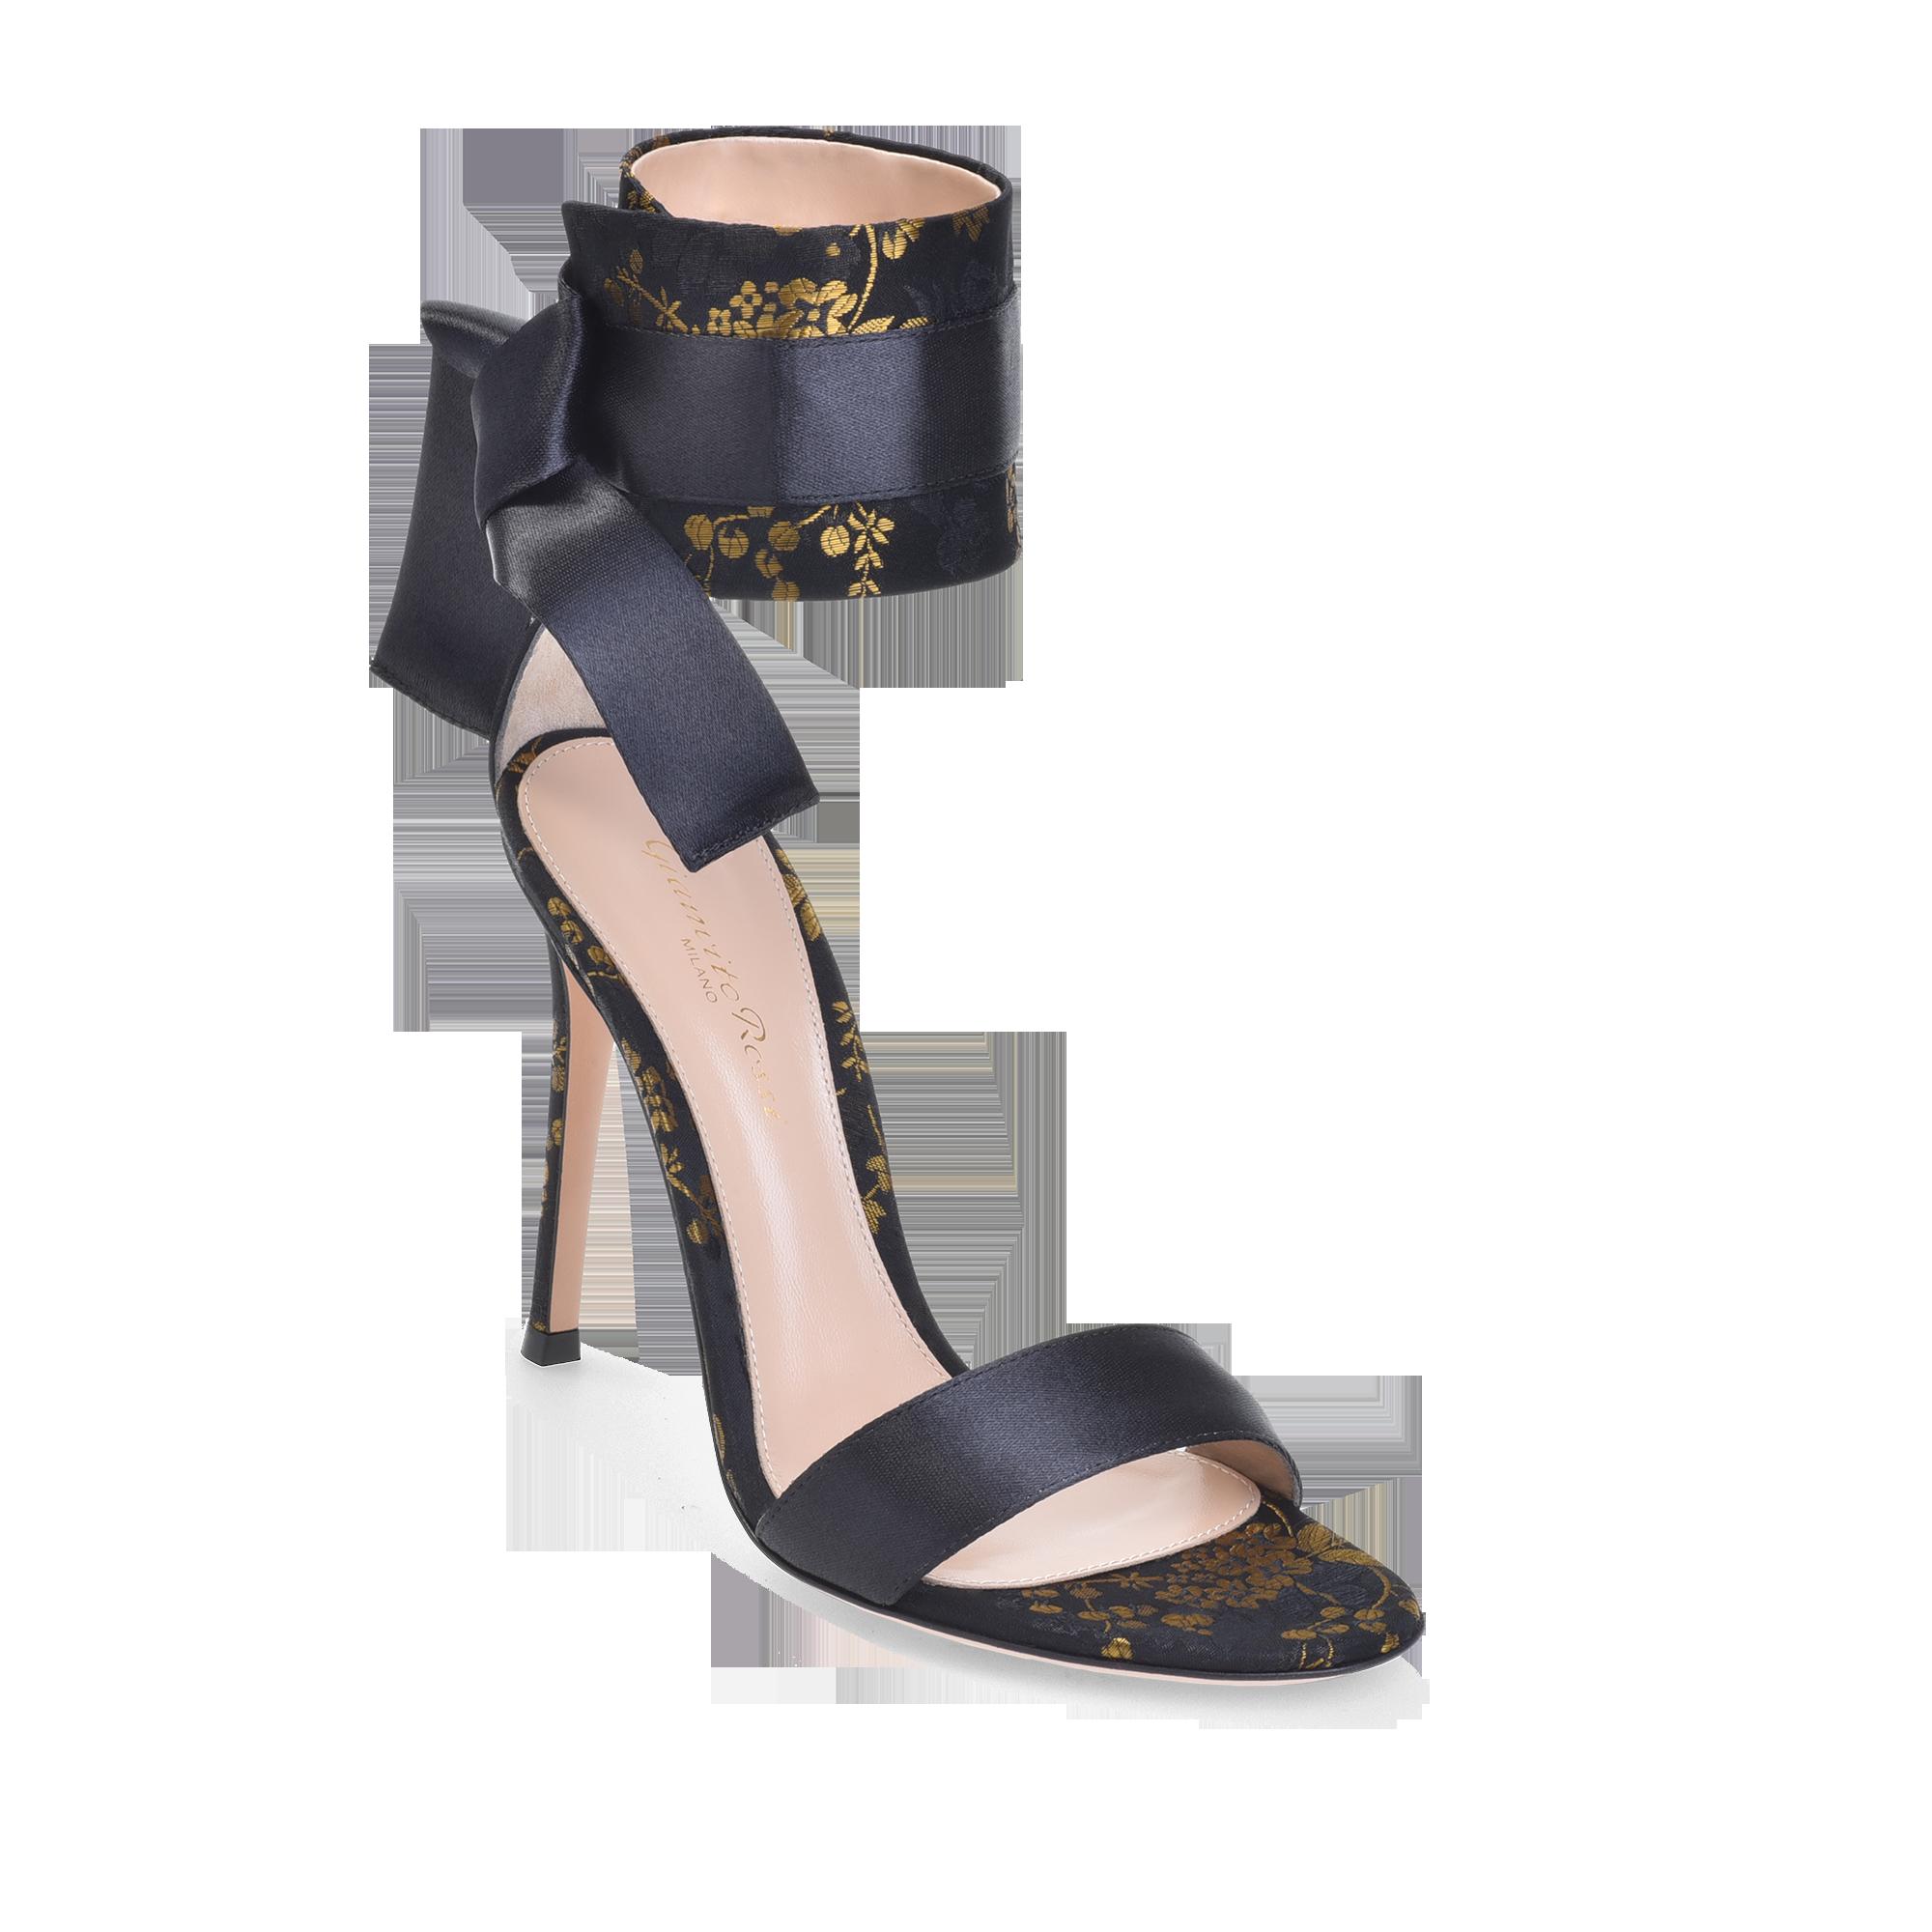 19fcea0e93e Gianvito Rossi - Issa sandals | SANDALS | Sandals, Issa, Dresses